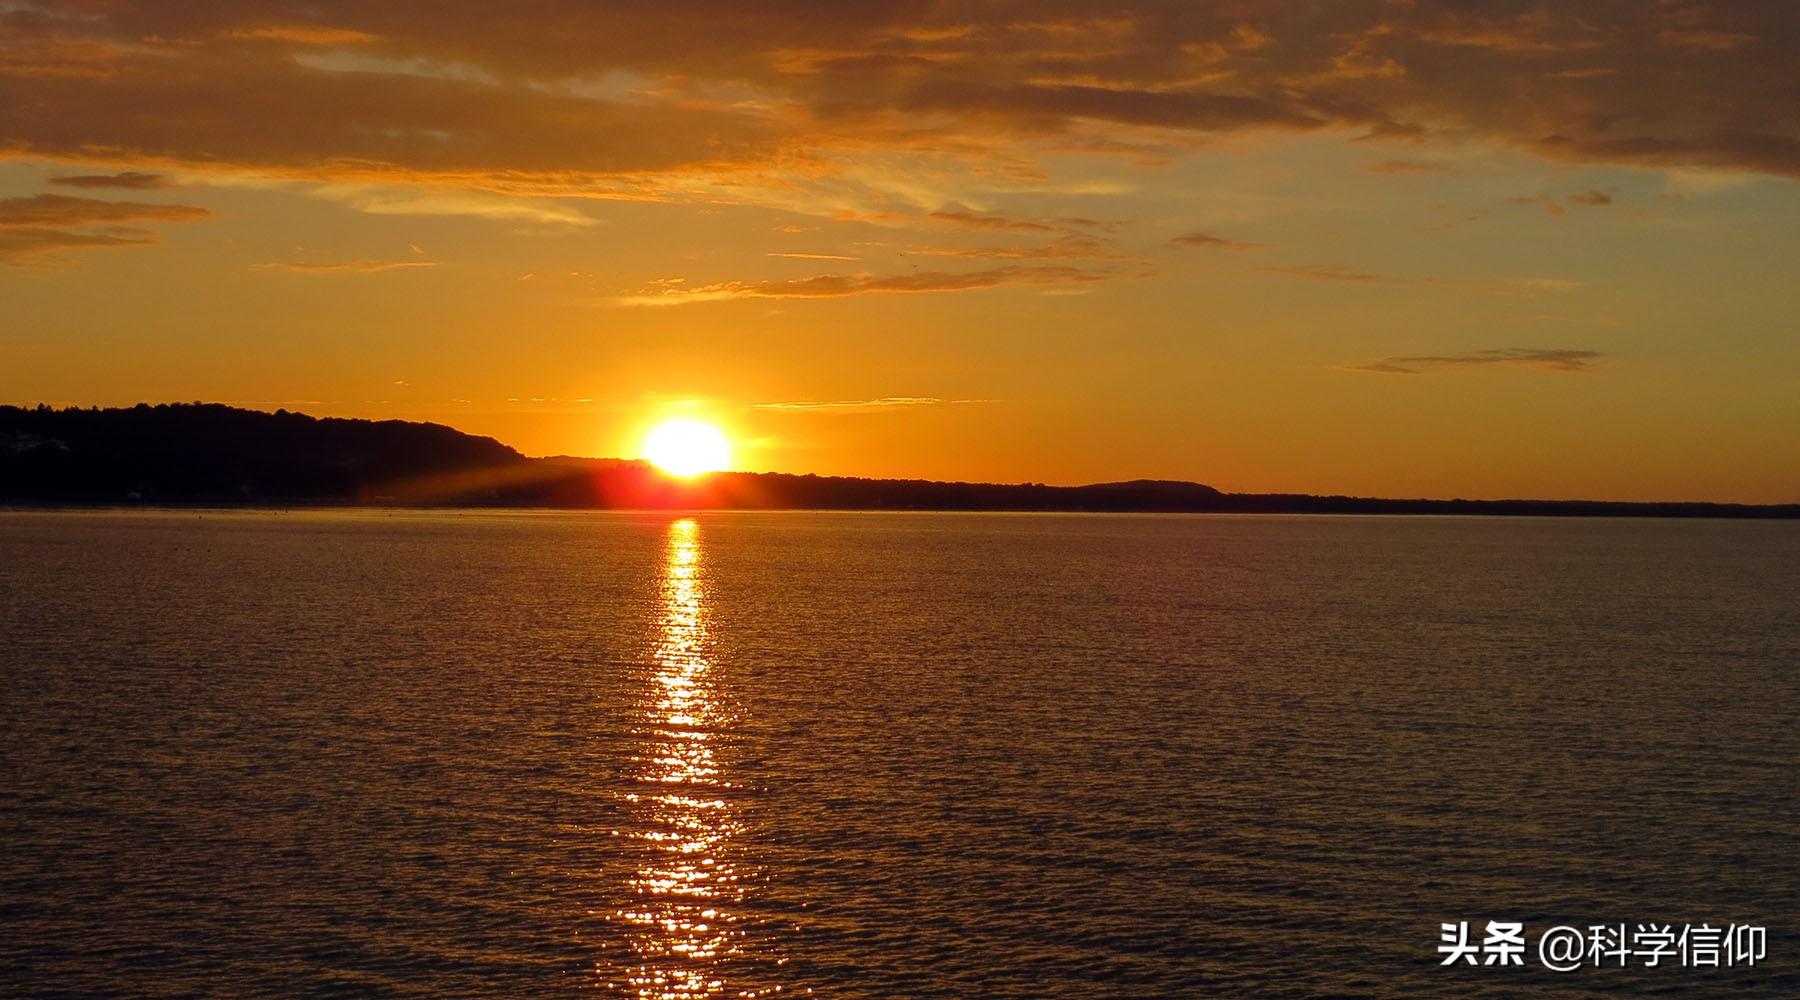 离太阳近的时候是夏天,离太阳远的时候是冬天,错了